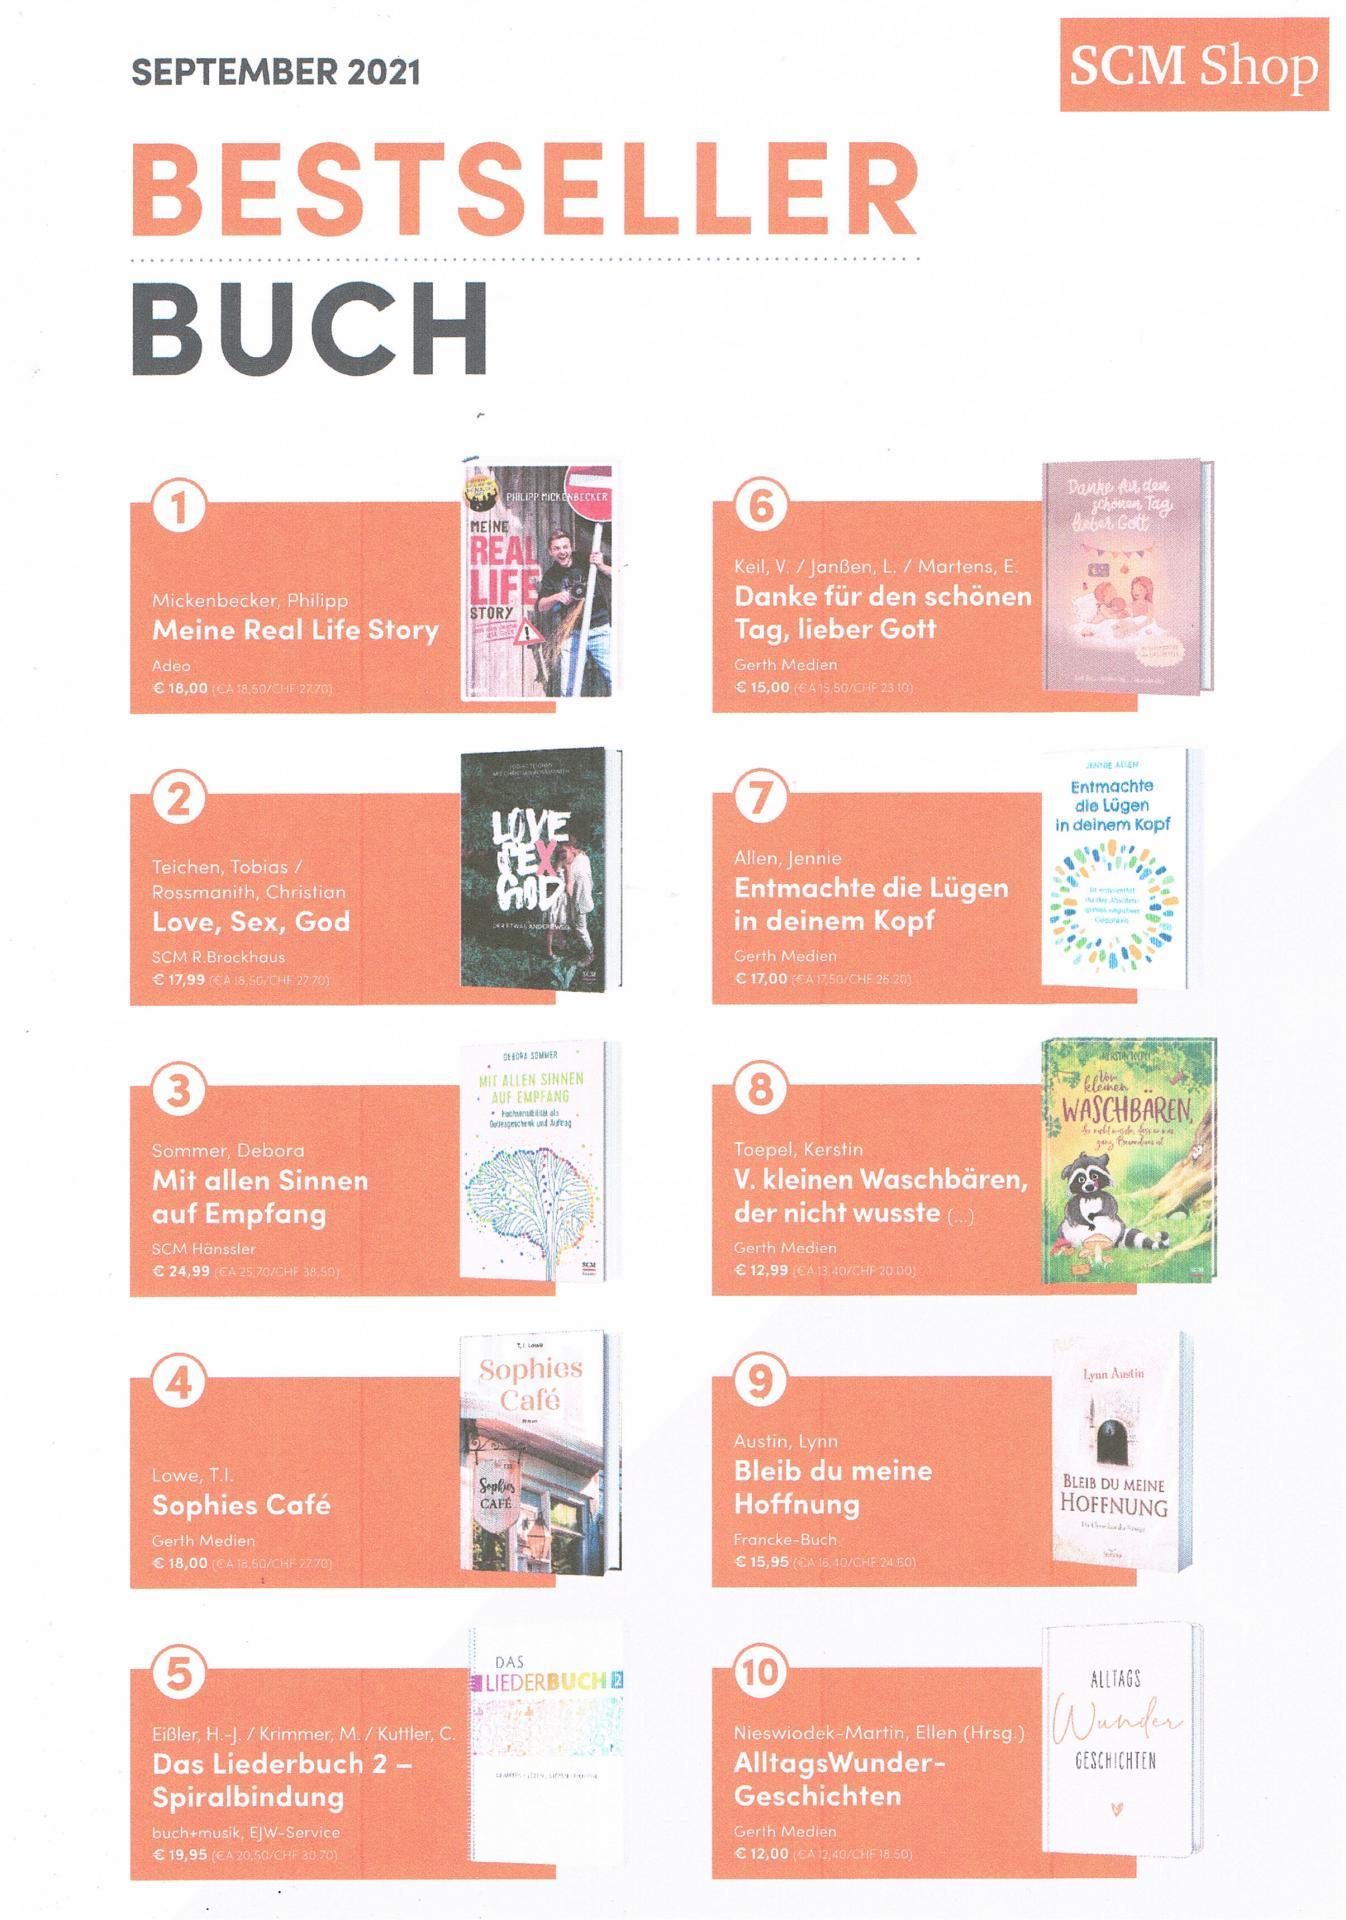 Sept. Buch